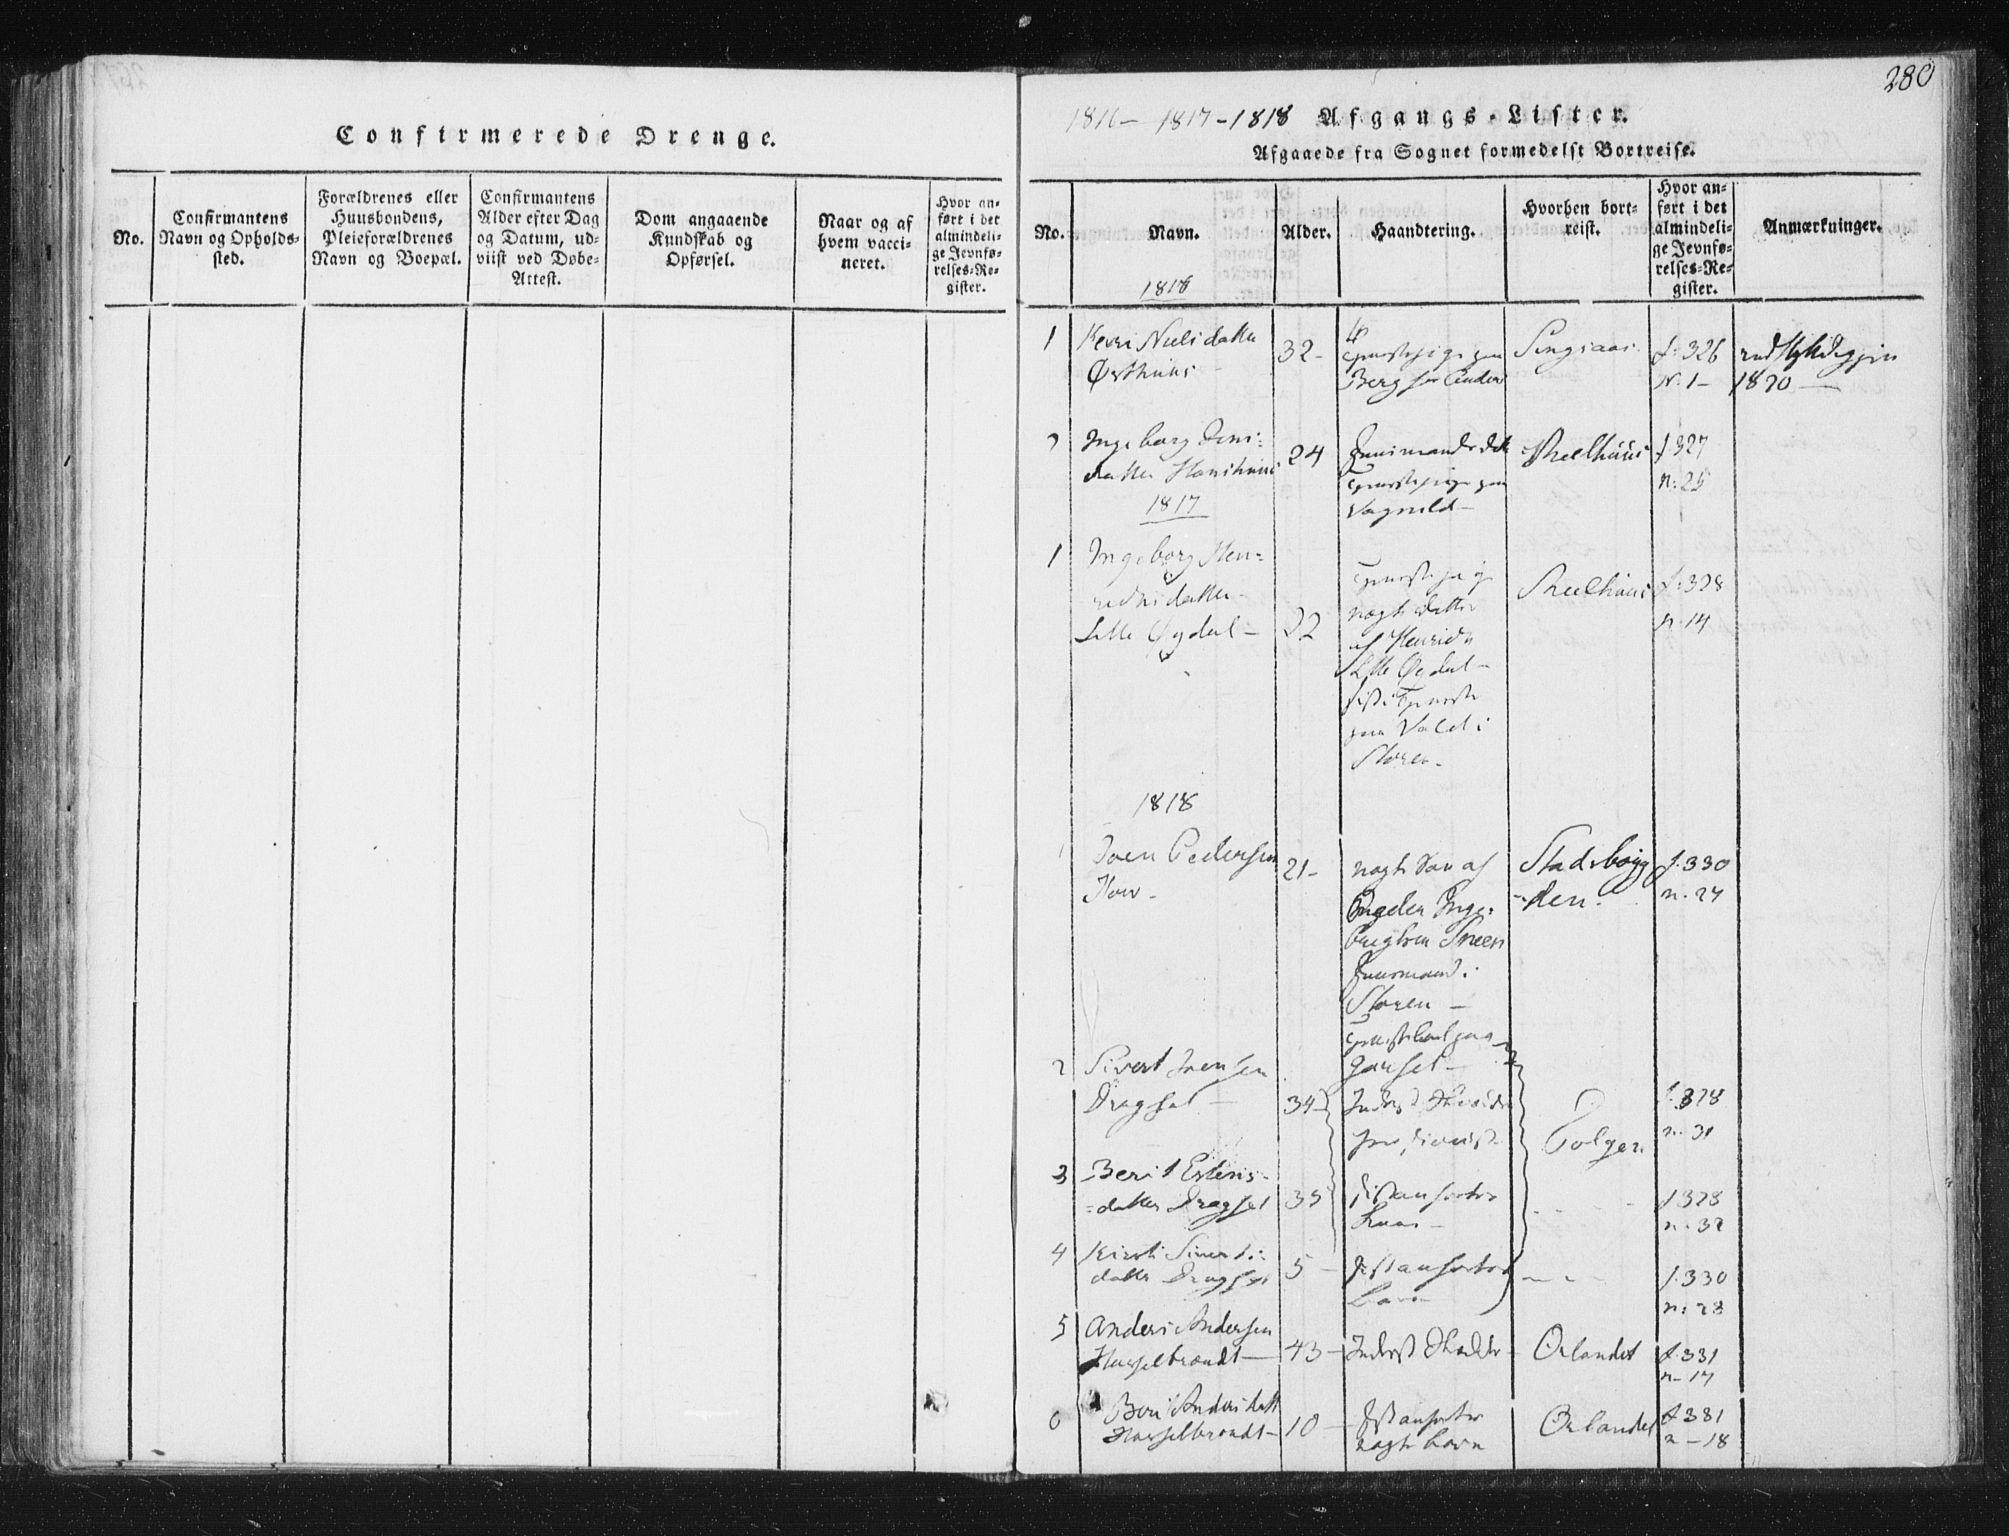 SAT, Ministerialprotokoller, klokkerbøker og fødselsregistre - Sør-Trøndelag, 689/L1037: Ministerialbok nr. 689A02, 1816-1842, s. 280